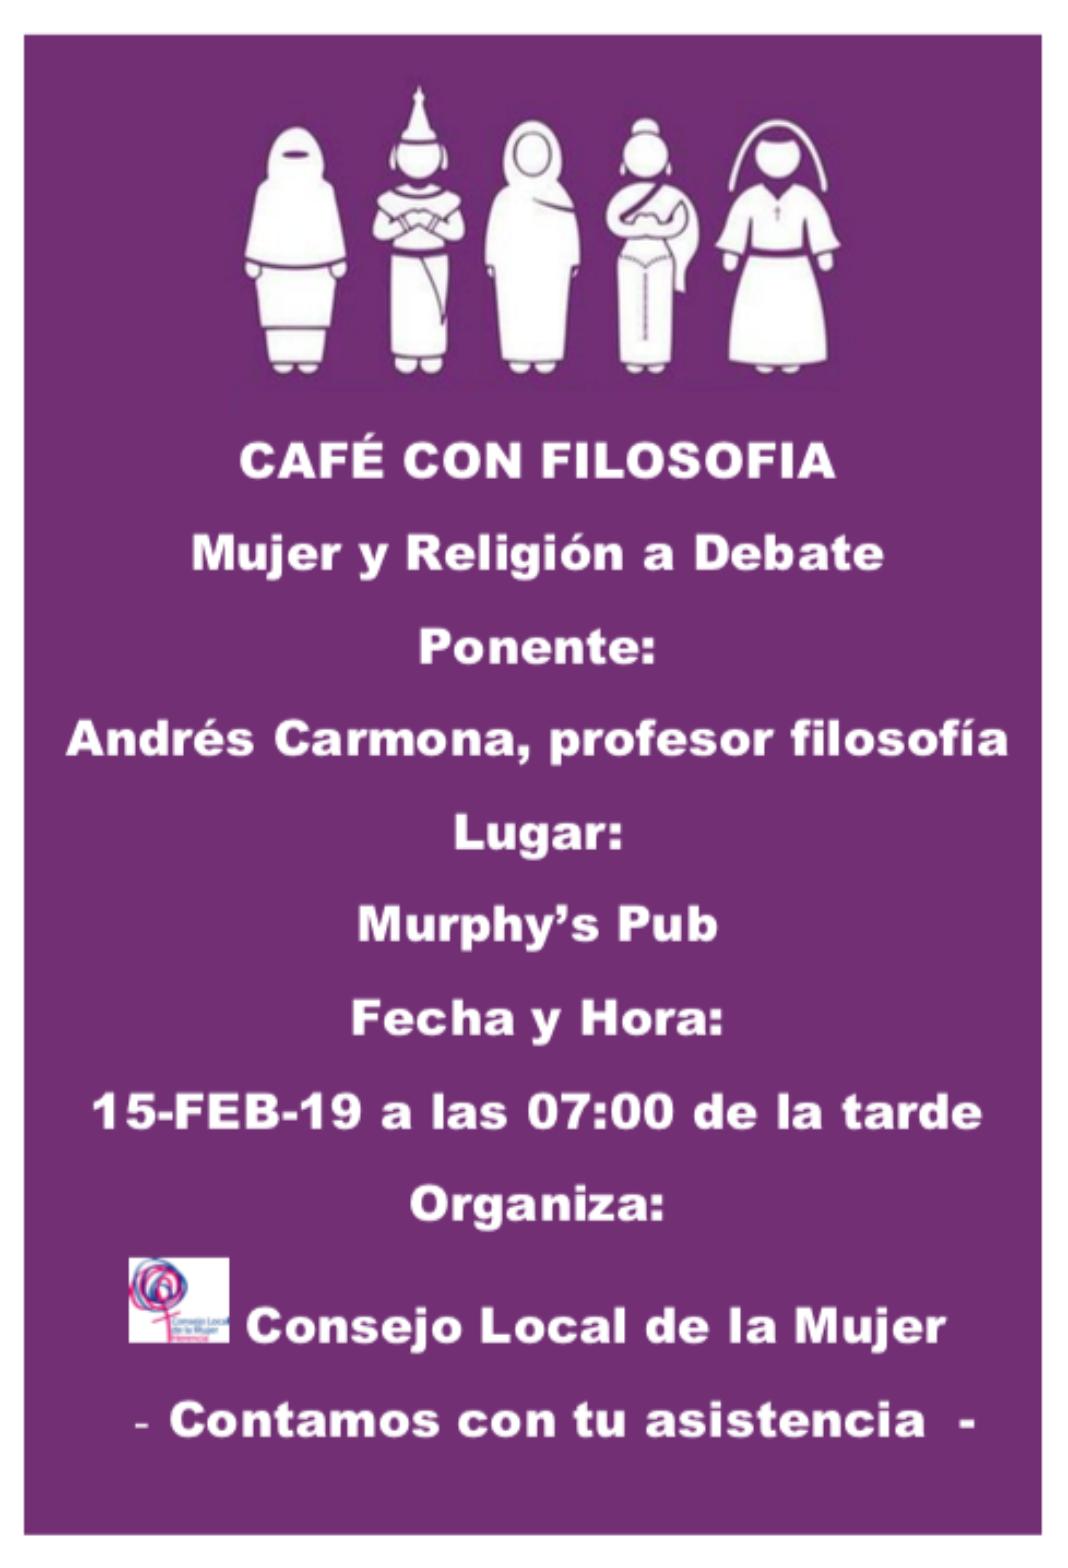 El Consejo Local de la Mujer organiza un café con filosofía para hablar sobre mujer y religión 4